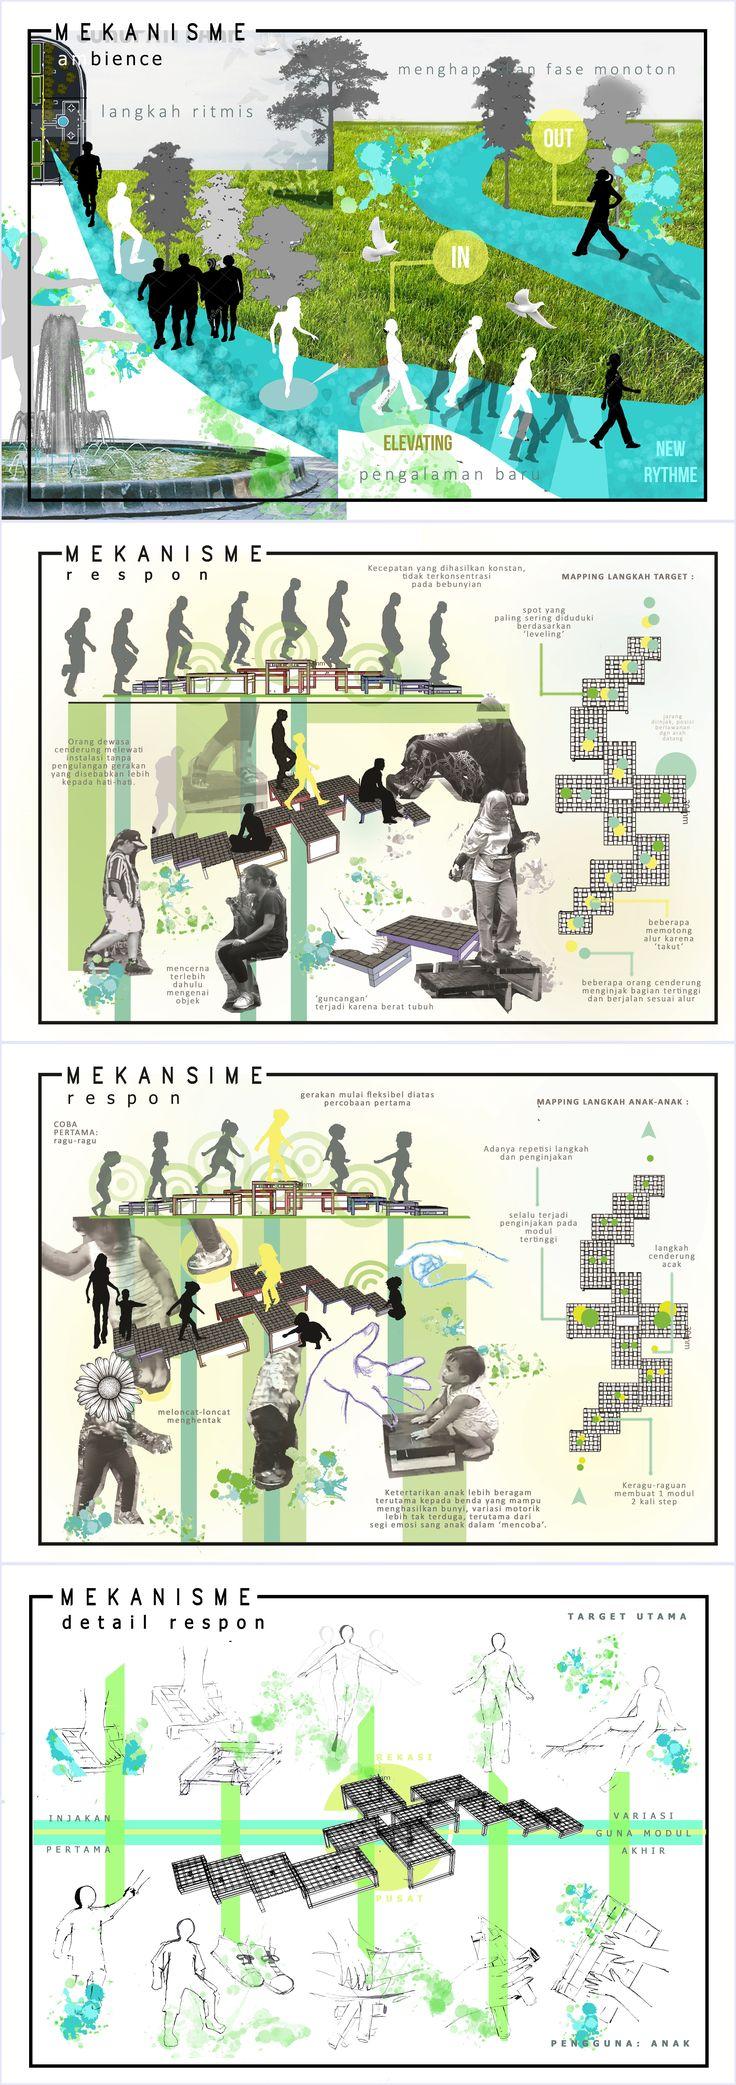 Design Class 3, First Project :  Mekanisme Respon